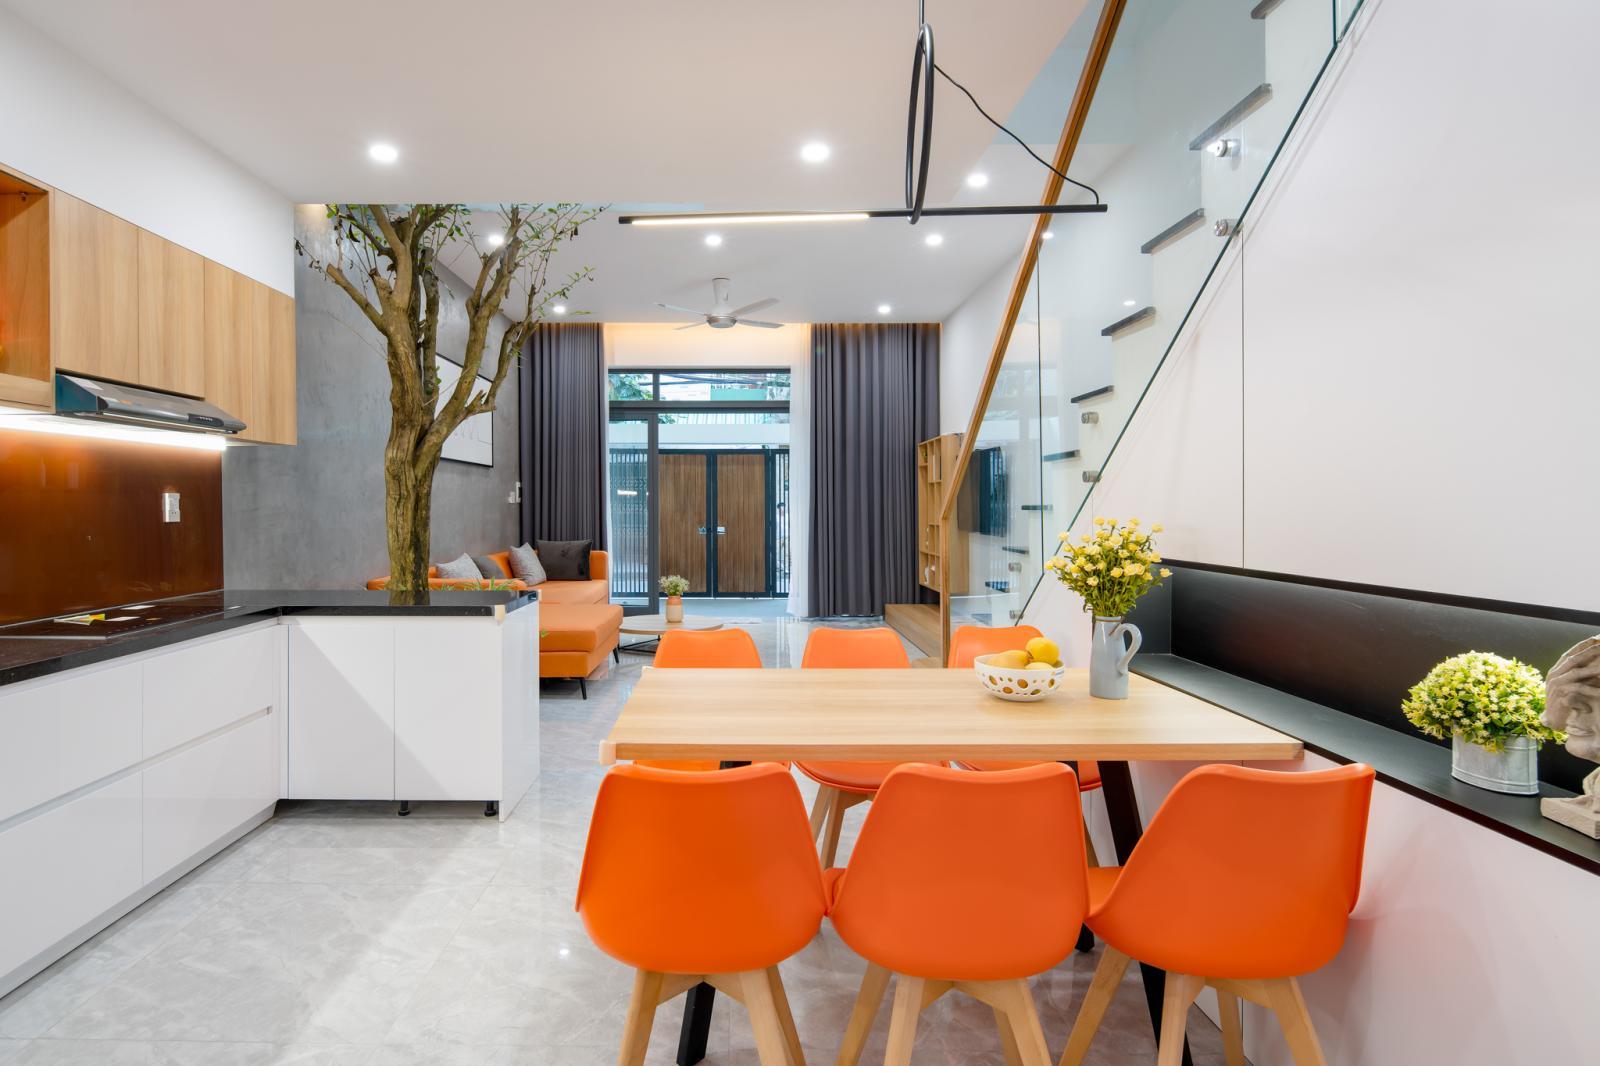 bộ bàn ăn với ghế màu cam